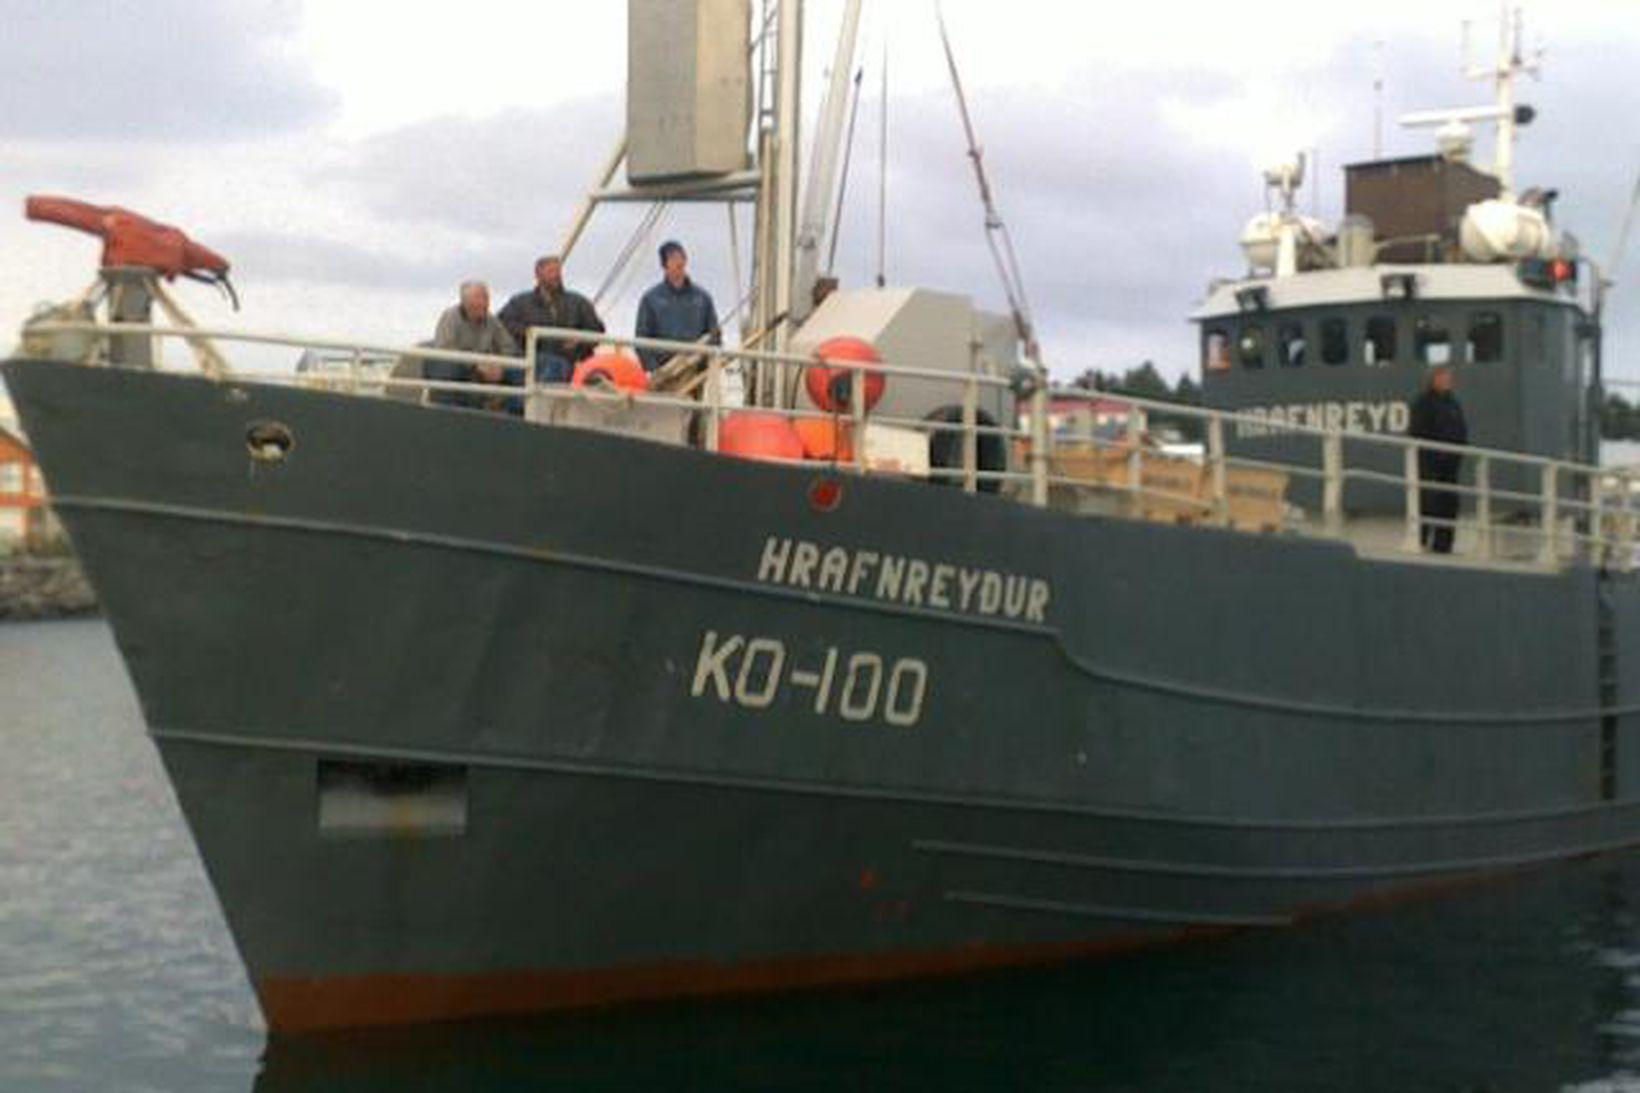 Hrafnreyður KÓ.